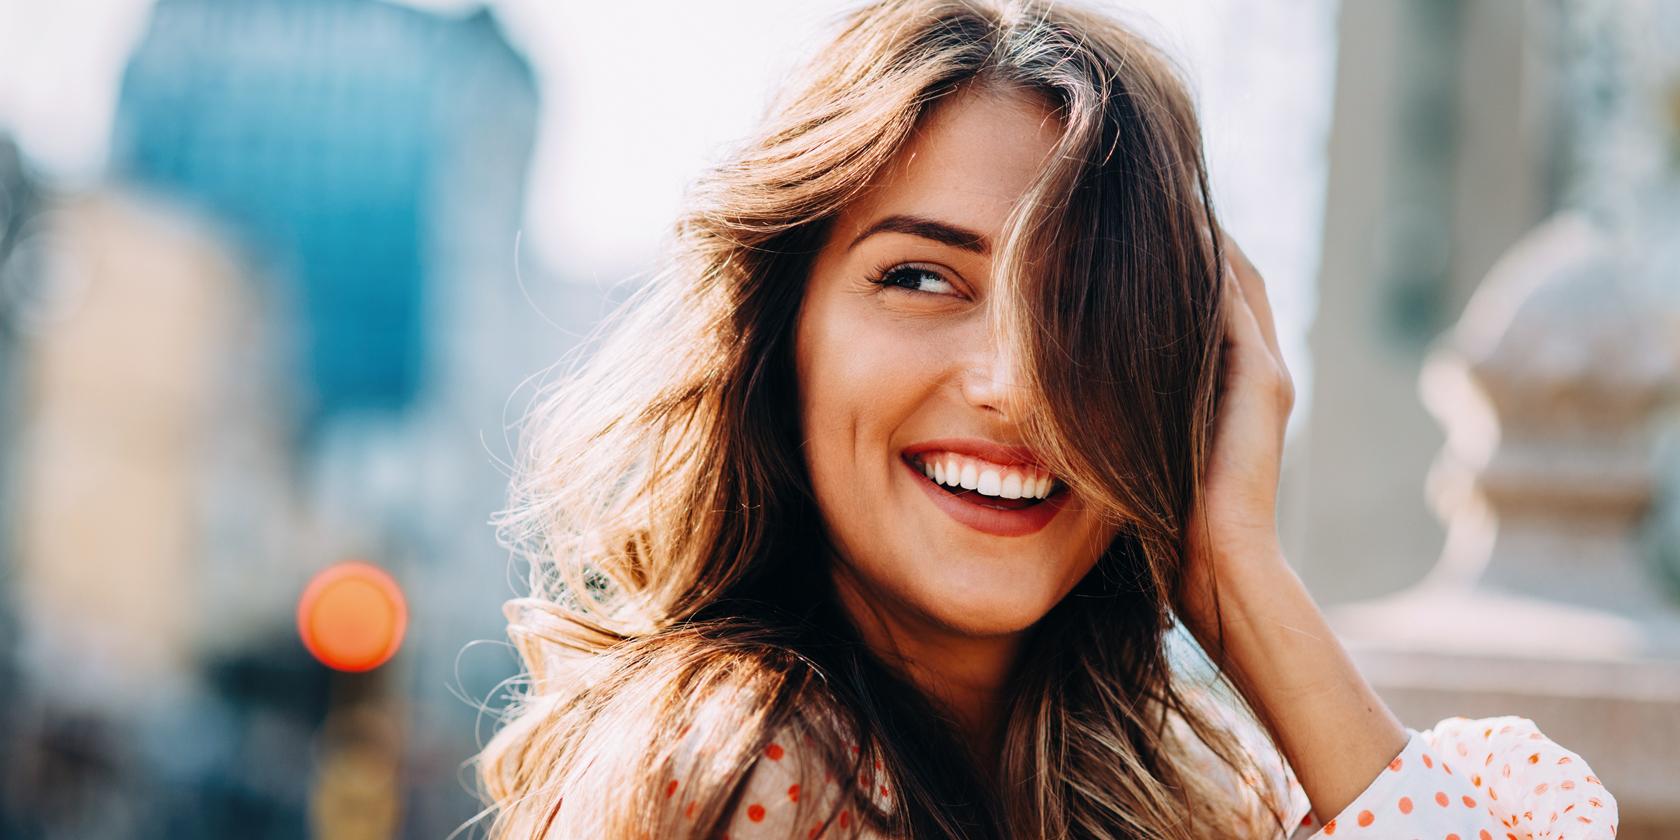 Frisuren Styling Für Feines Haar Beautypunk